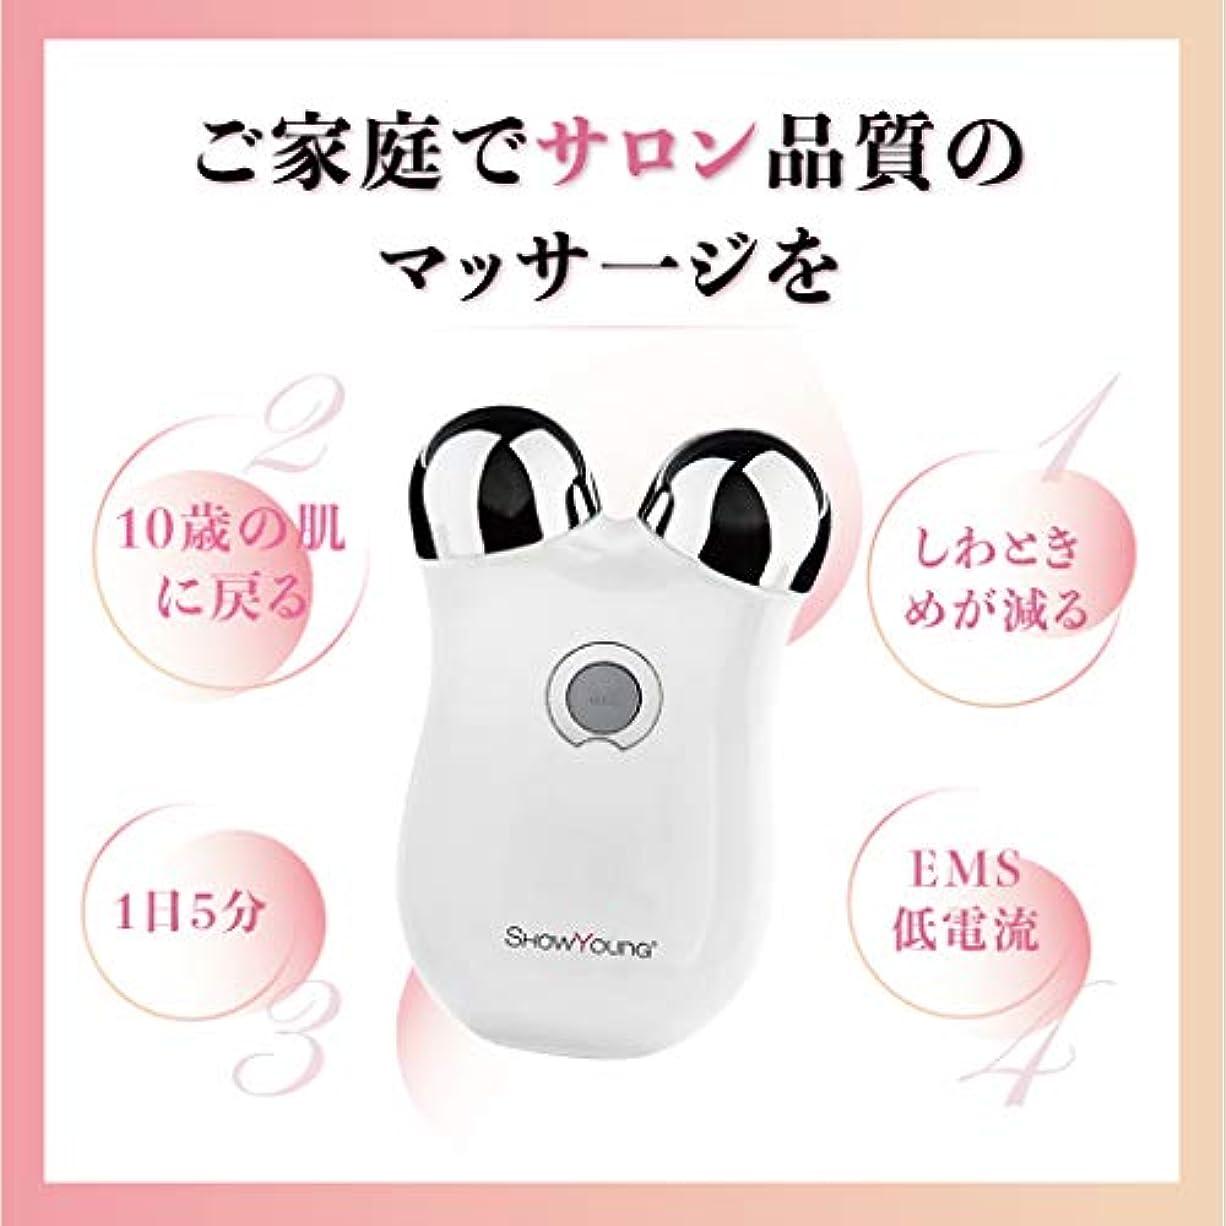 メカニック玉ねぎ曲げるShowyoung 微小電流ミニ顔マッサージ器、顔の調色装置、しわと細紋の減少、皮膚、リンパのマッサージ、調整の質、2年の品質の保証に用いる。